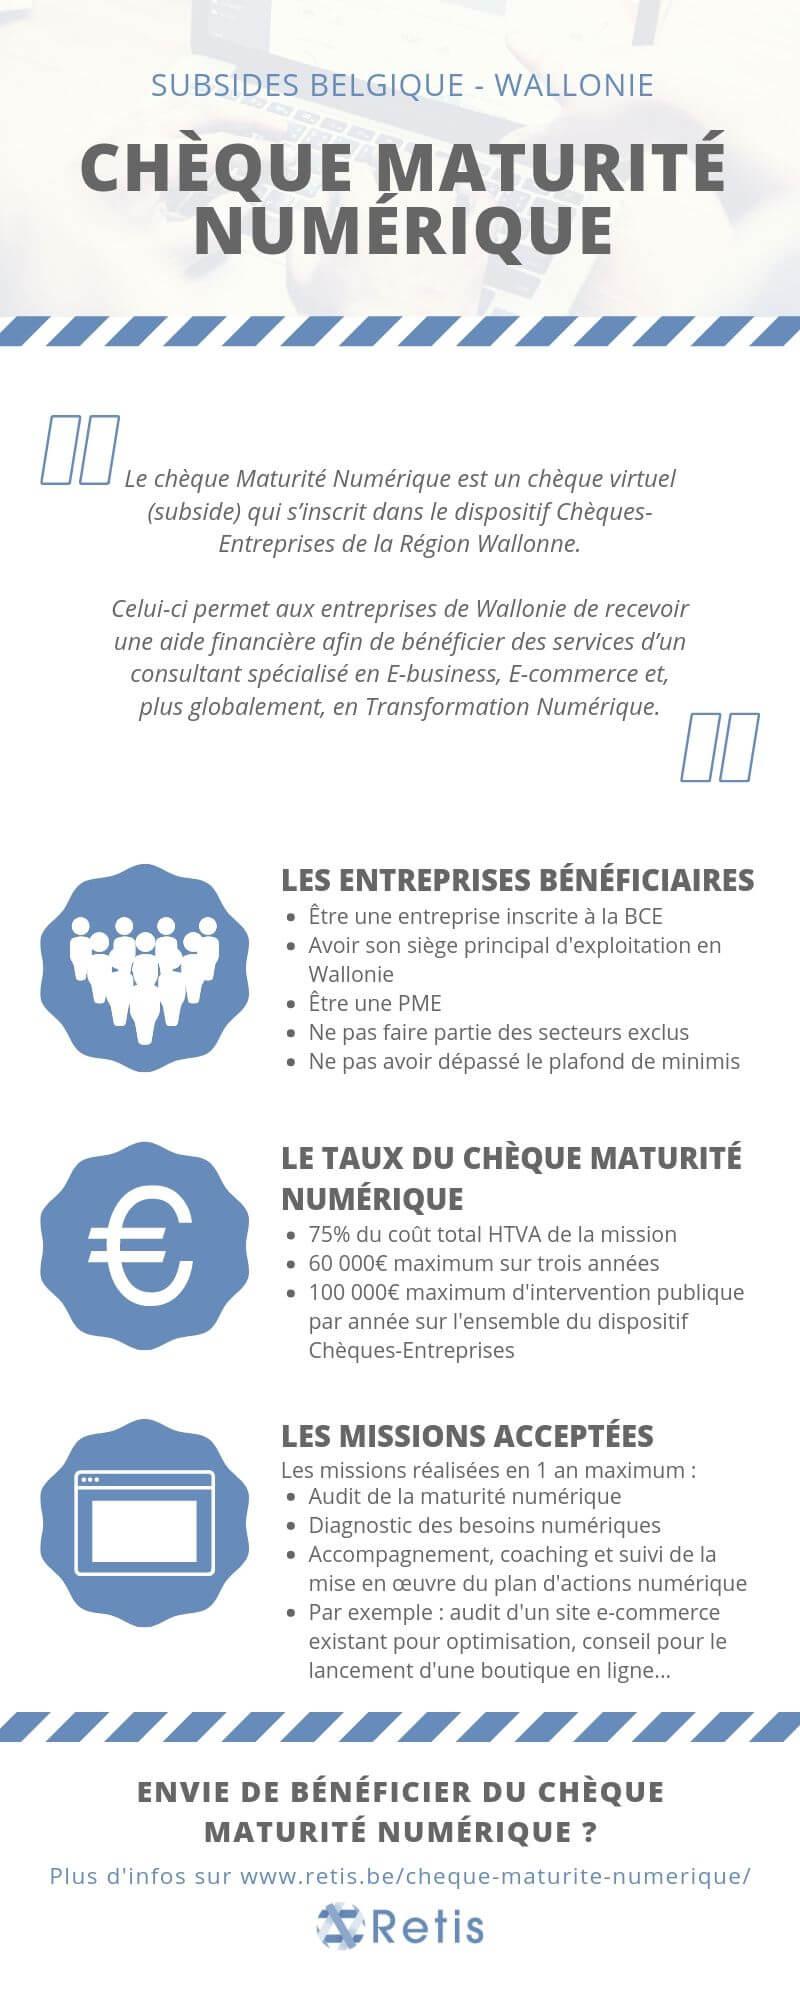 Infographie de présentation du Chèque Maturité Numérique du dispositif Chèques-Entreprises de la Région Wallonie